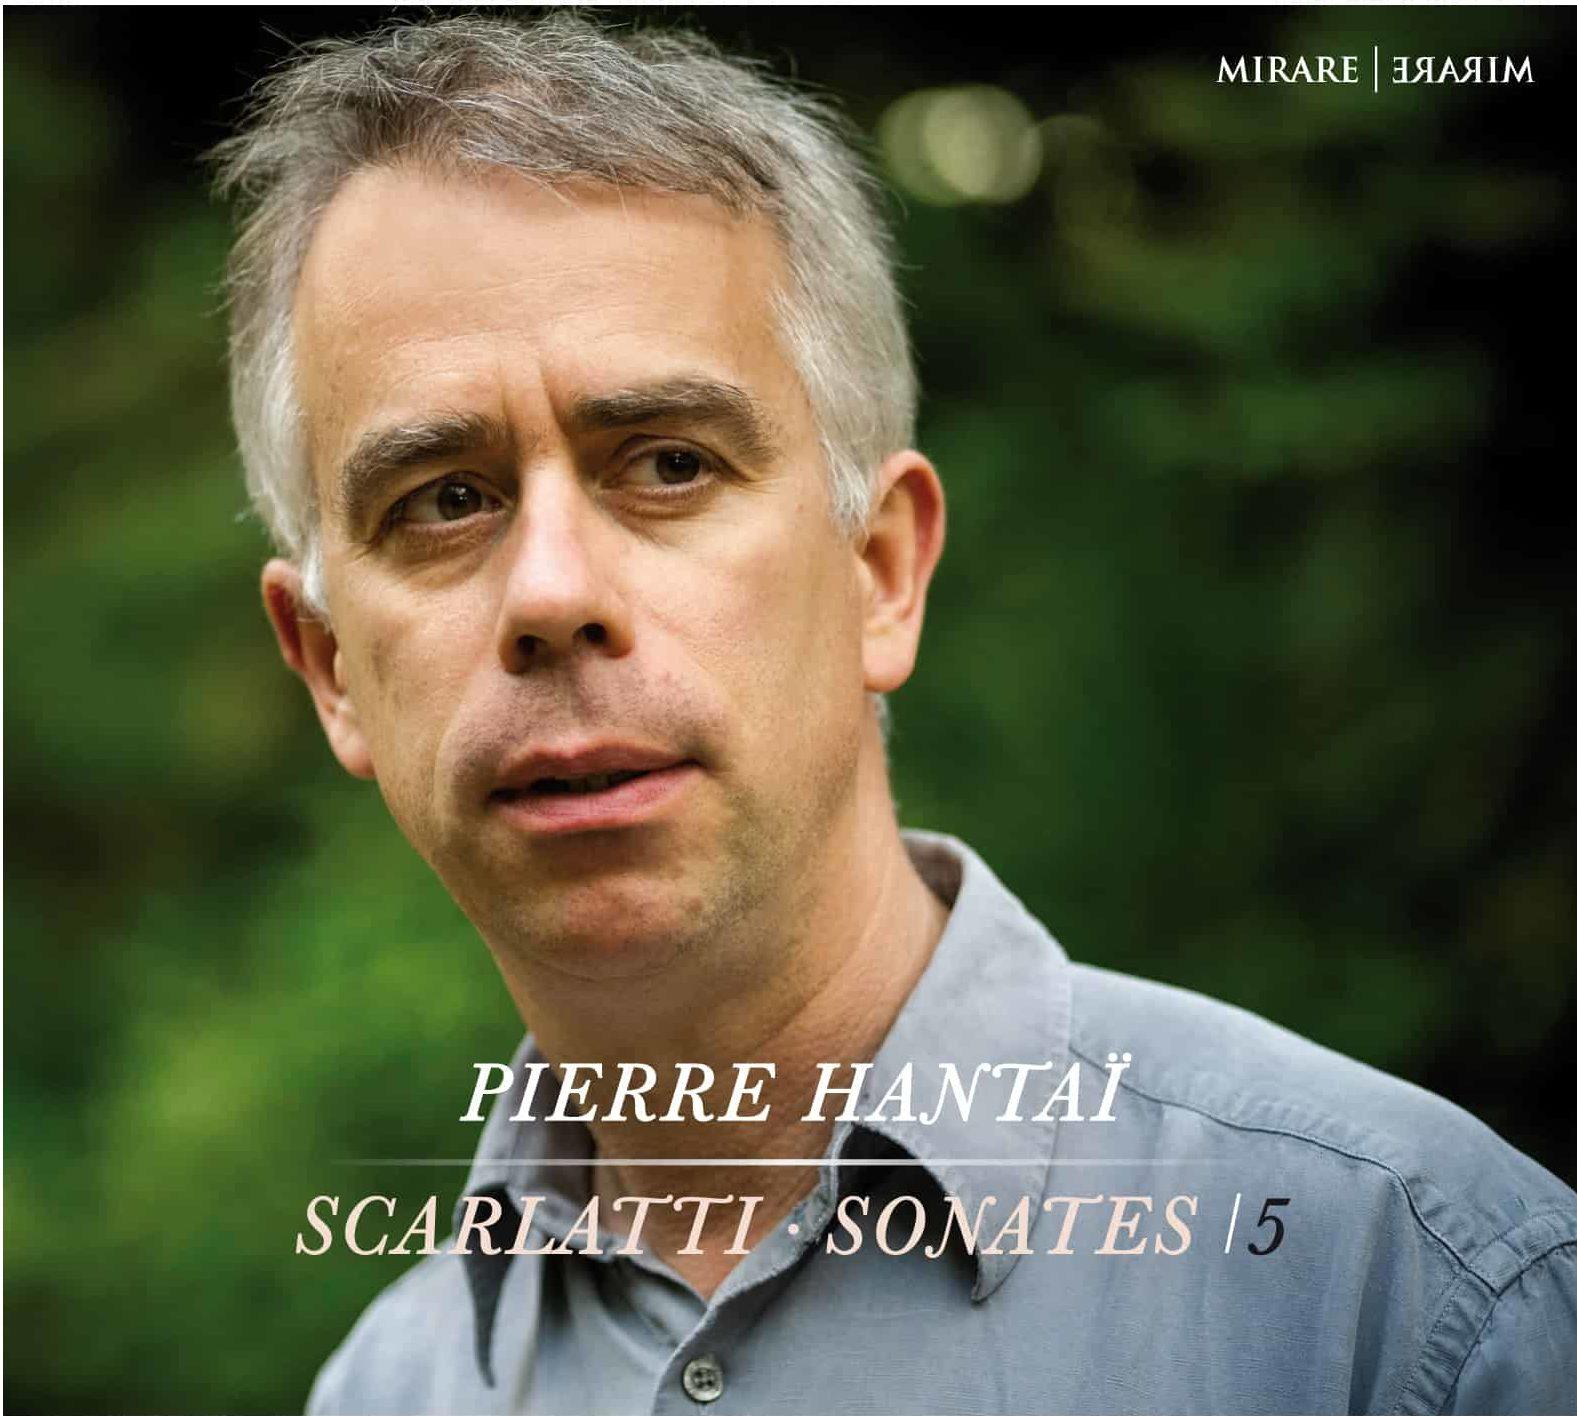 Scarlatti, Sonates / 5